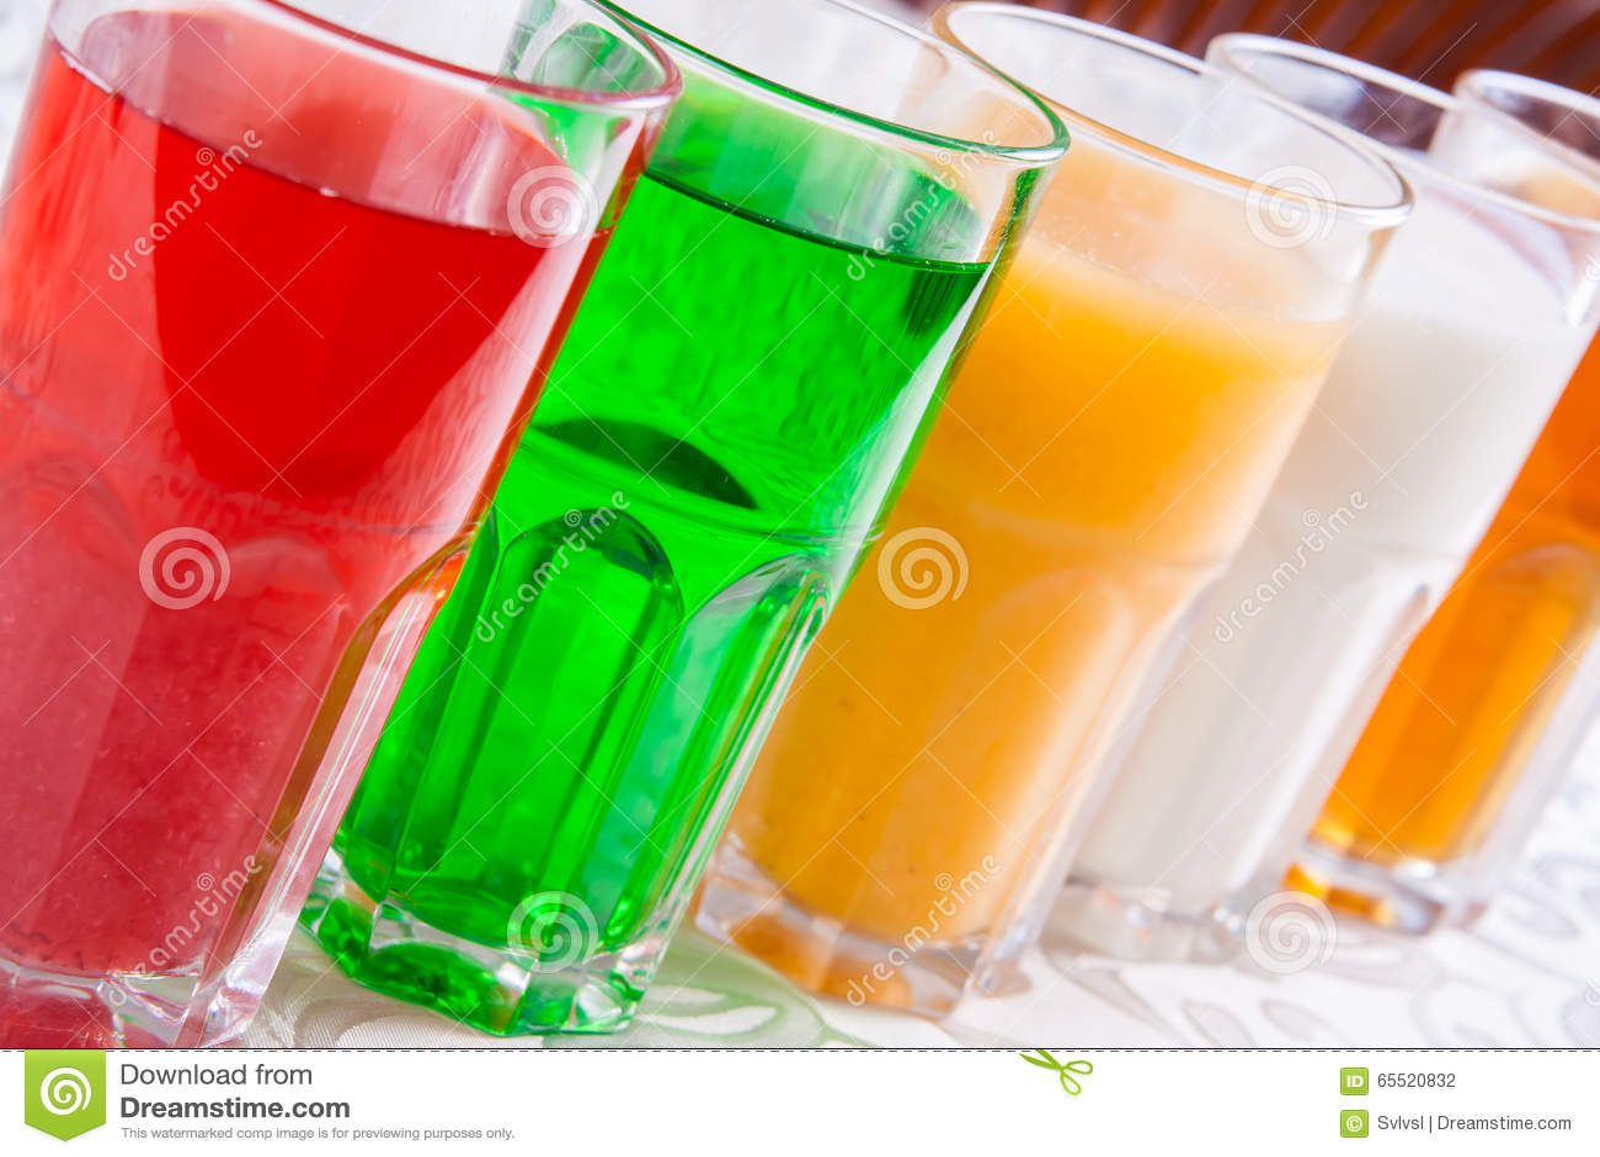 Verschiedene Alkoholfreie Getränke In Einem Glas Stockfoto - Bild ...